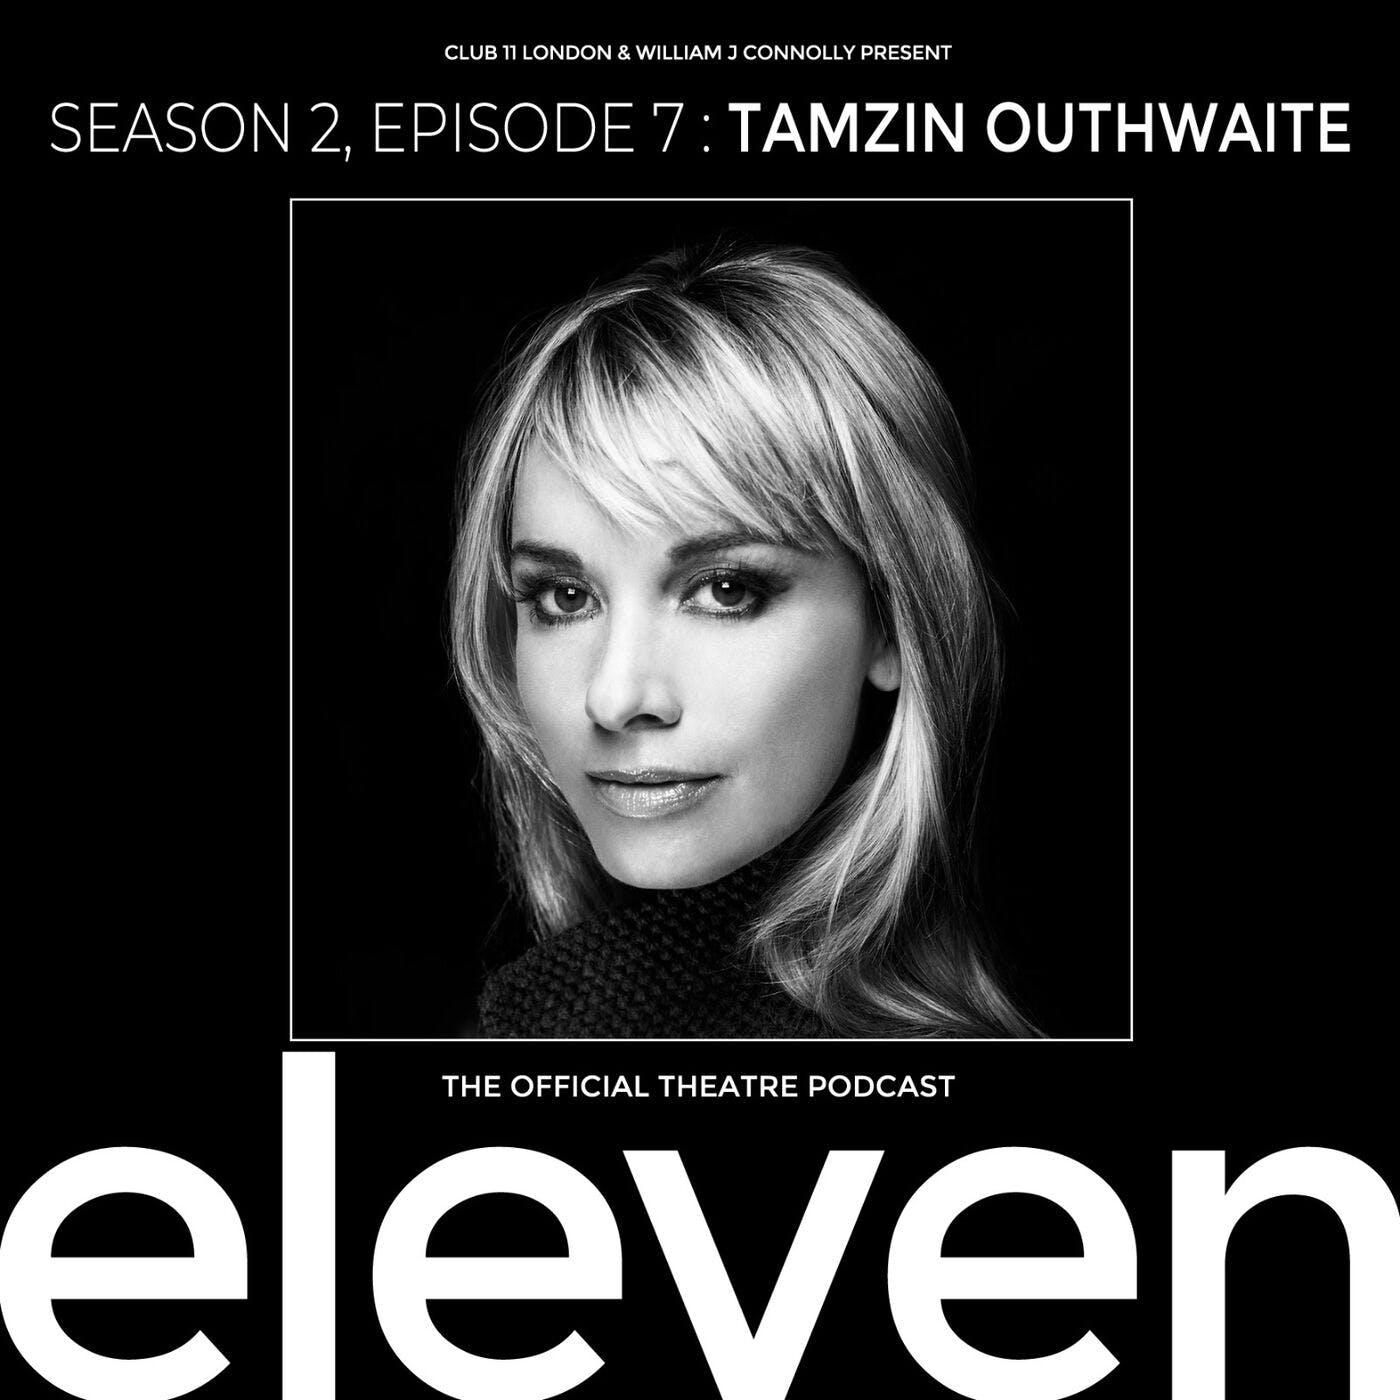 S2 Ep7: Tamzin Outhwaite